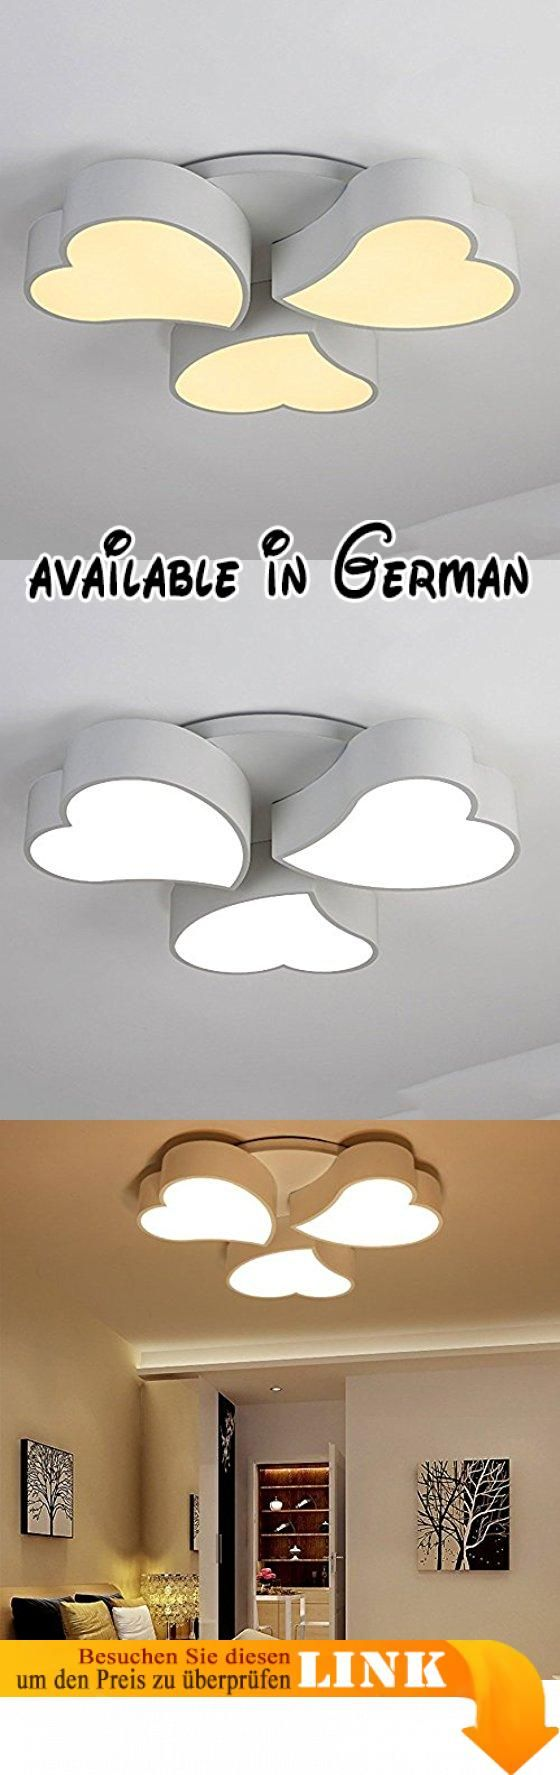 Deckenleuchten Einfache, Moderne LED Kreative Hochzeit Zimmer Dimmen  Getönte Bügeleisen Deckenleuchte Schlafzimmer Warm Romantischen Studie  Wohnzimu2026